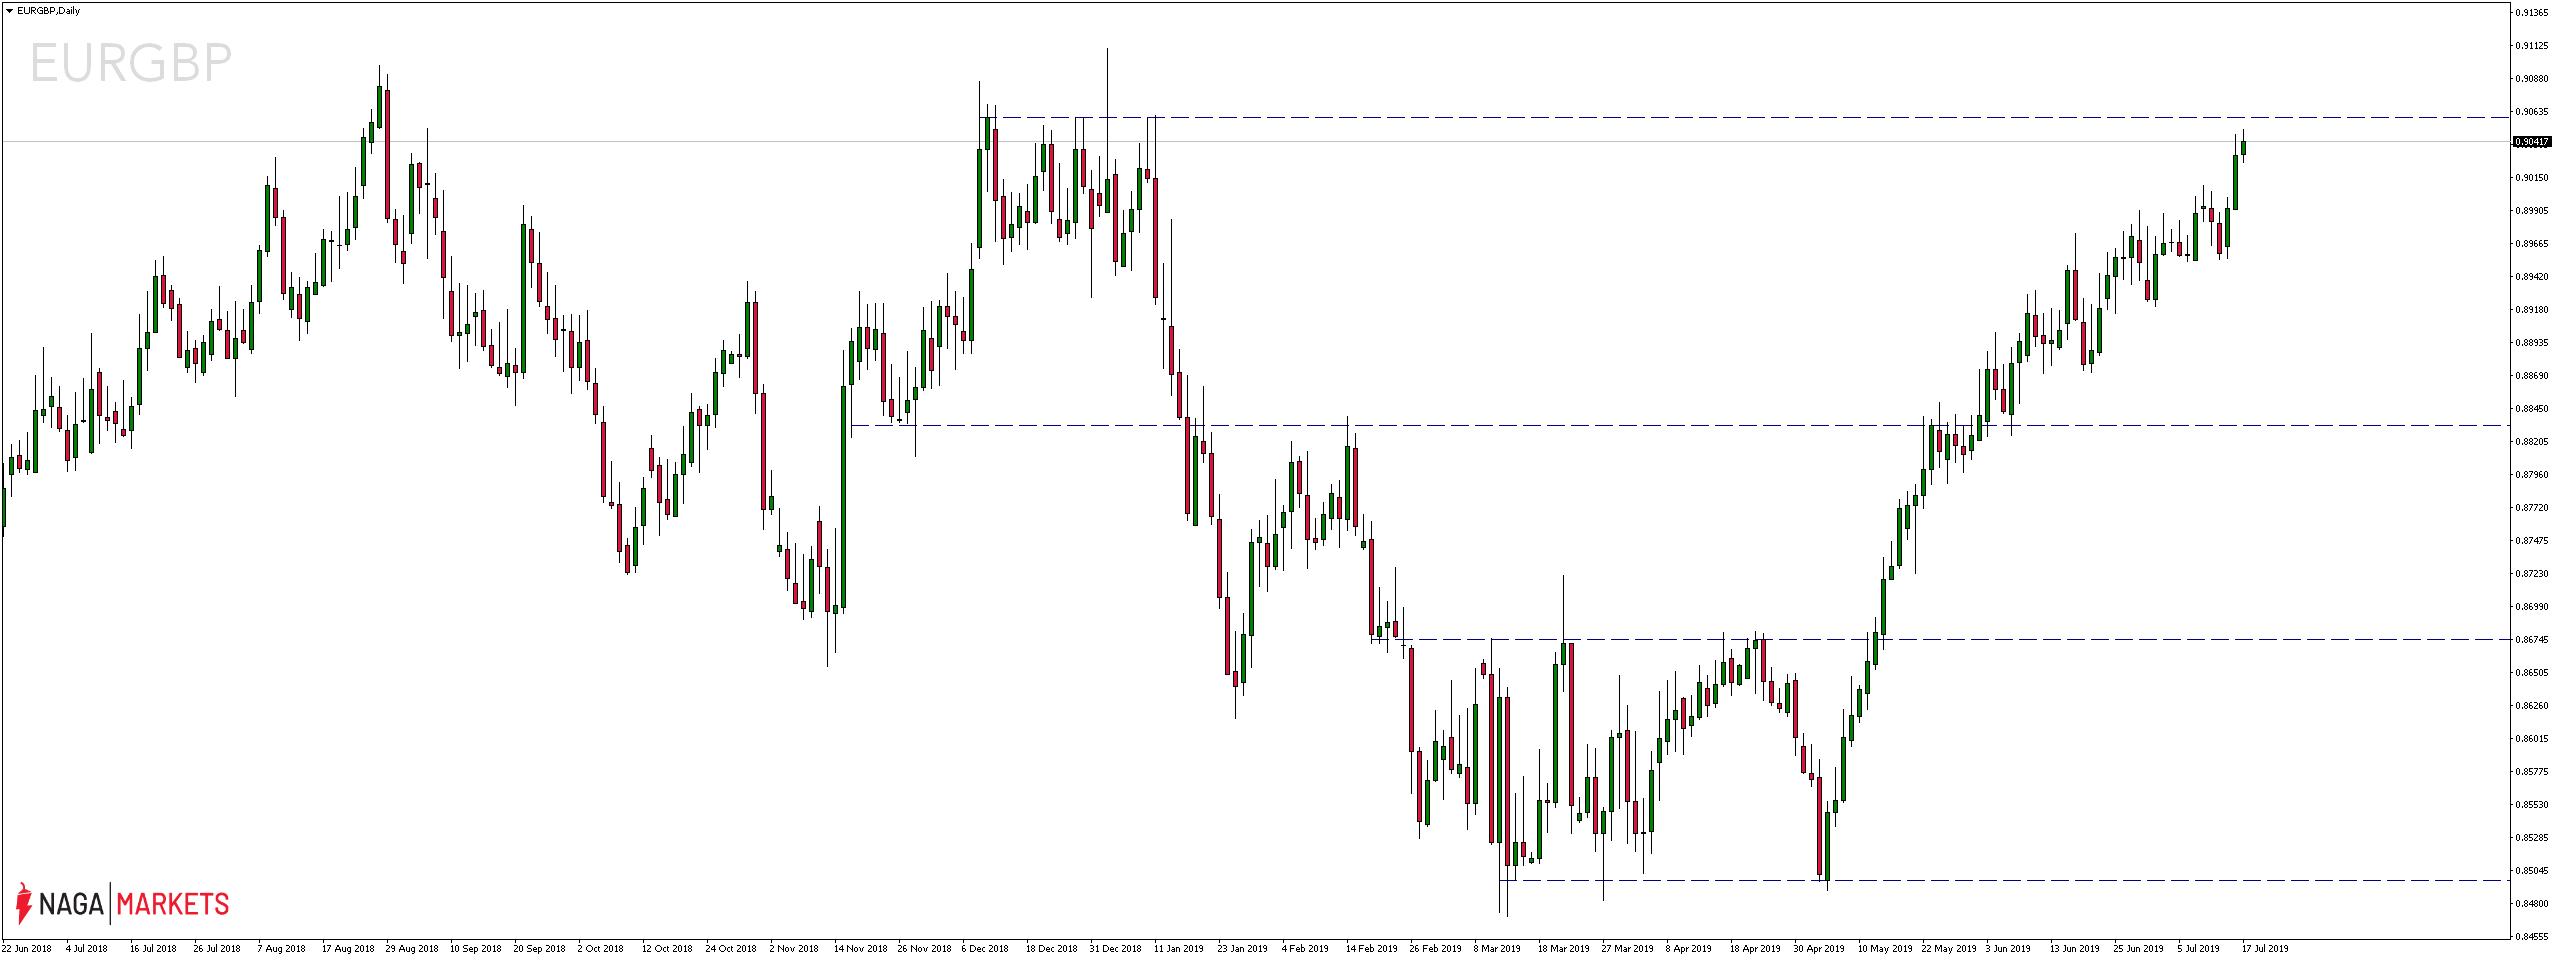 Kurs pary walutowej UERGBP